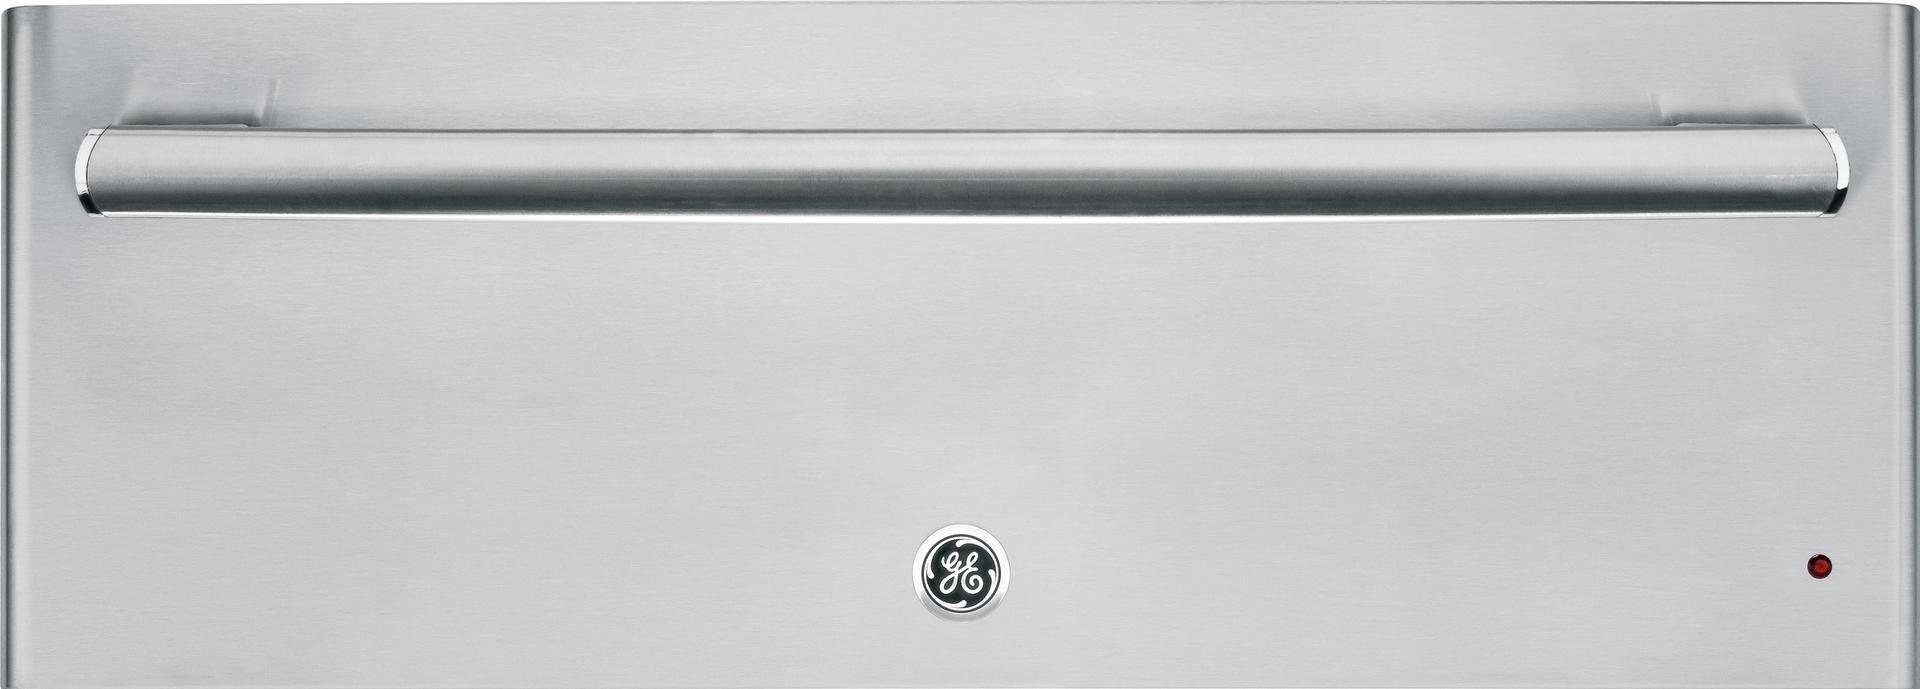 GE PJ7000SFSS Electric Warming Drawer